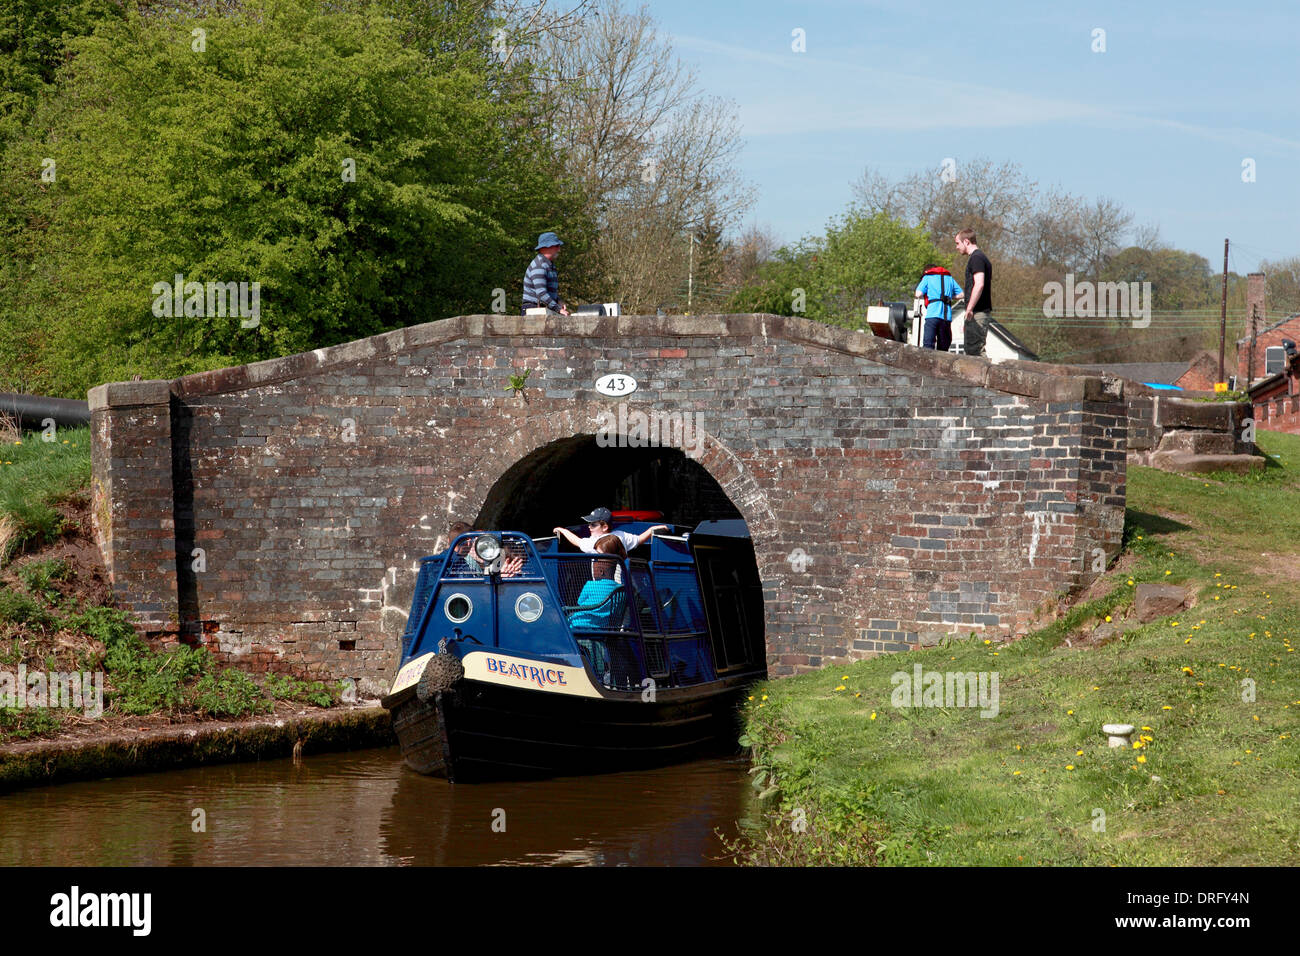 Cheddleton Caldon narrowboat canal lock - Stock Image